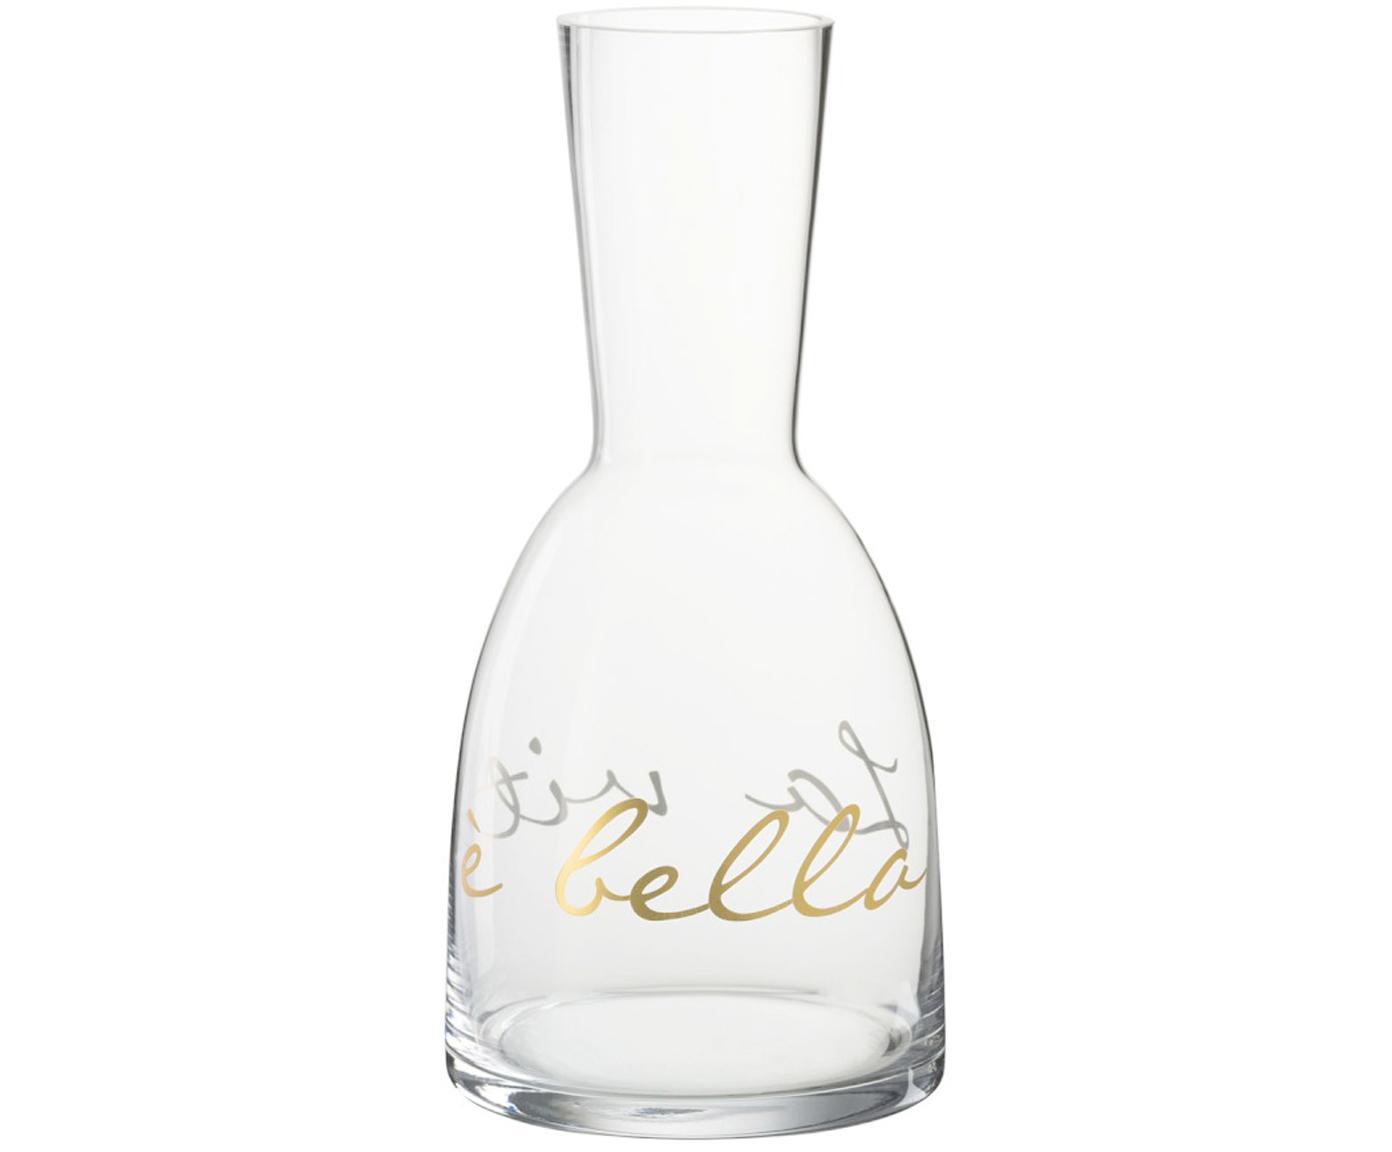 Karaffe La Vita mit goldfarbener Aufschrift, Glas, Transparent, Goldfarben, Ø 12 x H 26 cm